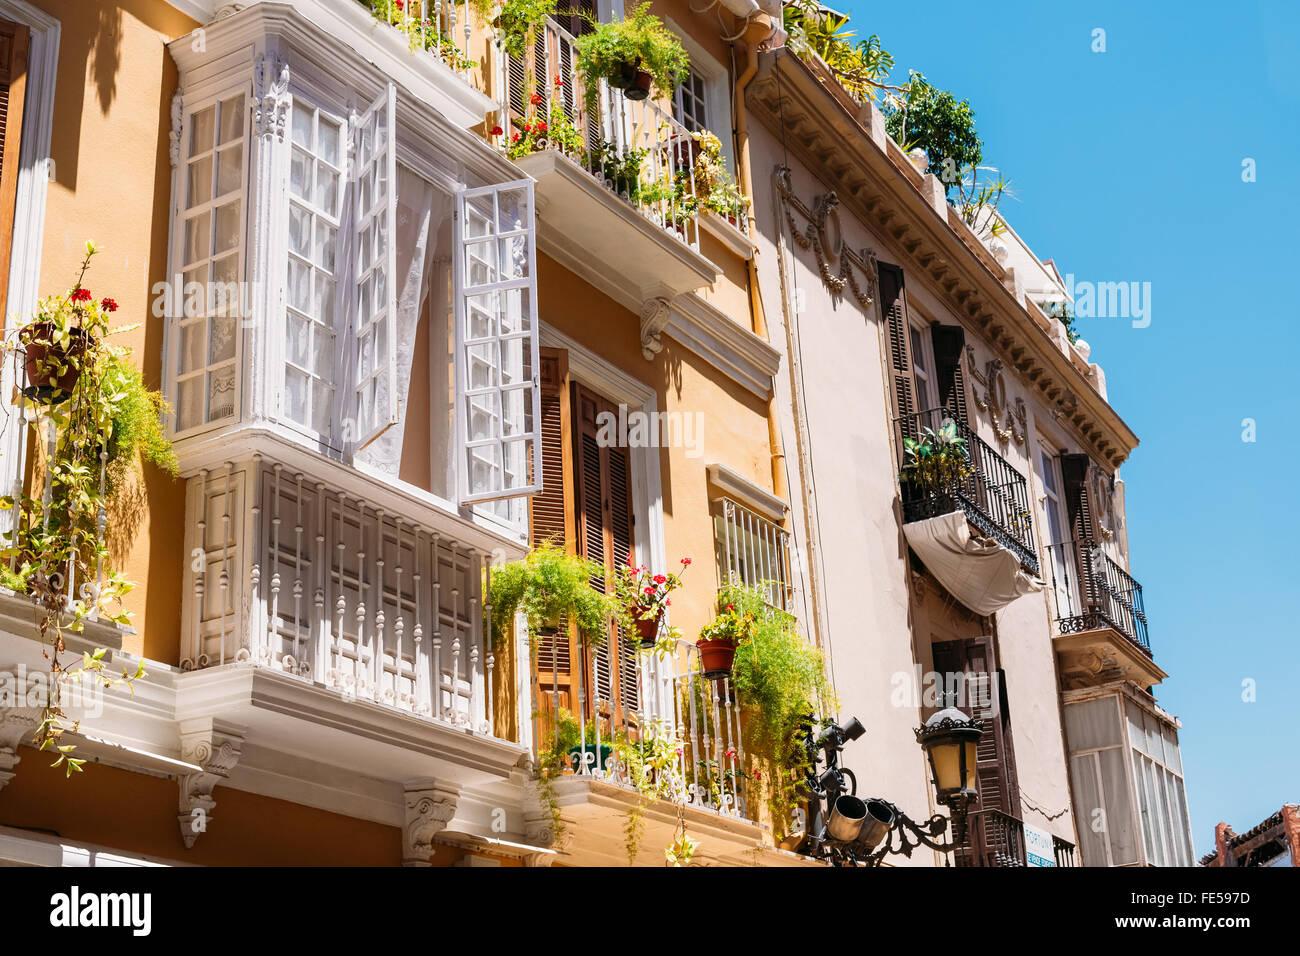 L'architettura dei vecchi edifici con grandi finestre e balconi montati su strette strade di Malaga, in Spagna. Immagini Stock